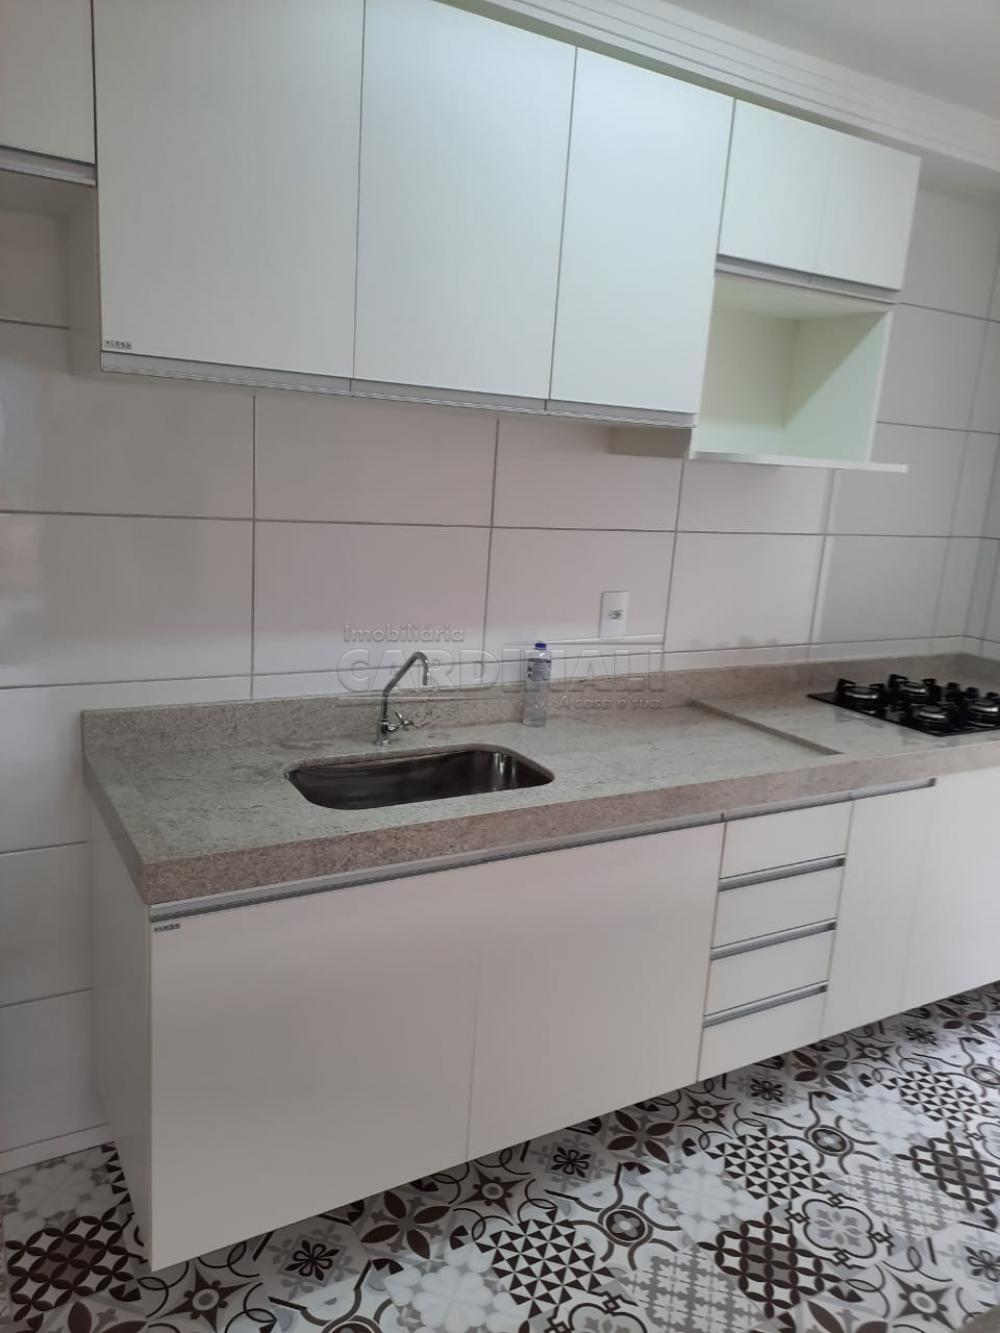 Alugar Apartamento / Padrão em São Carlos R$ 1.800,00 - Foto 49